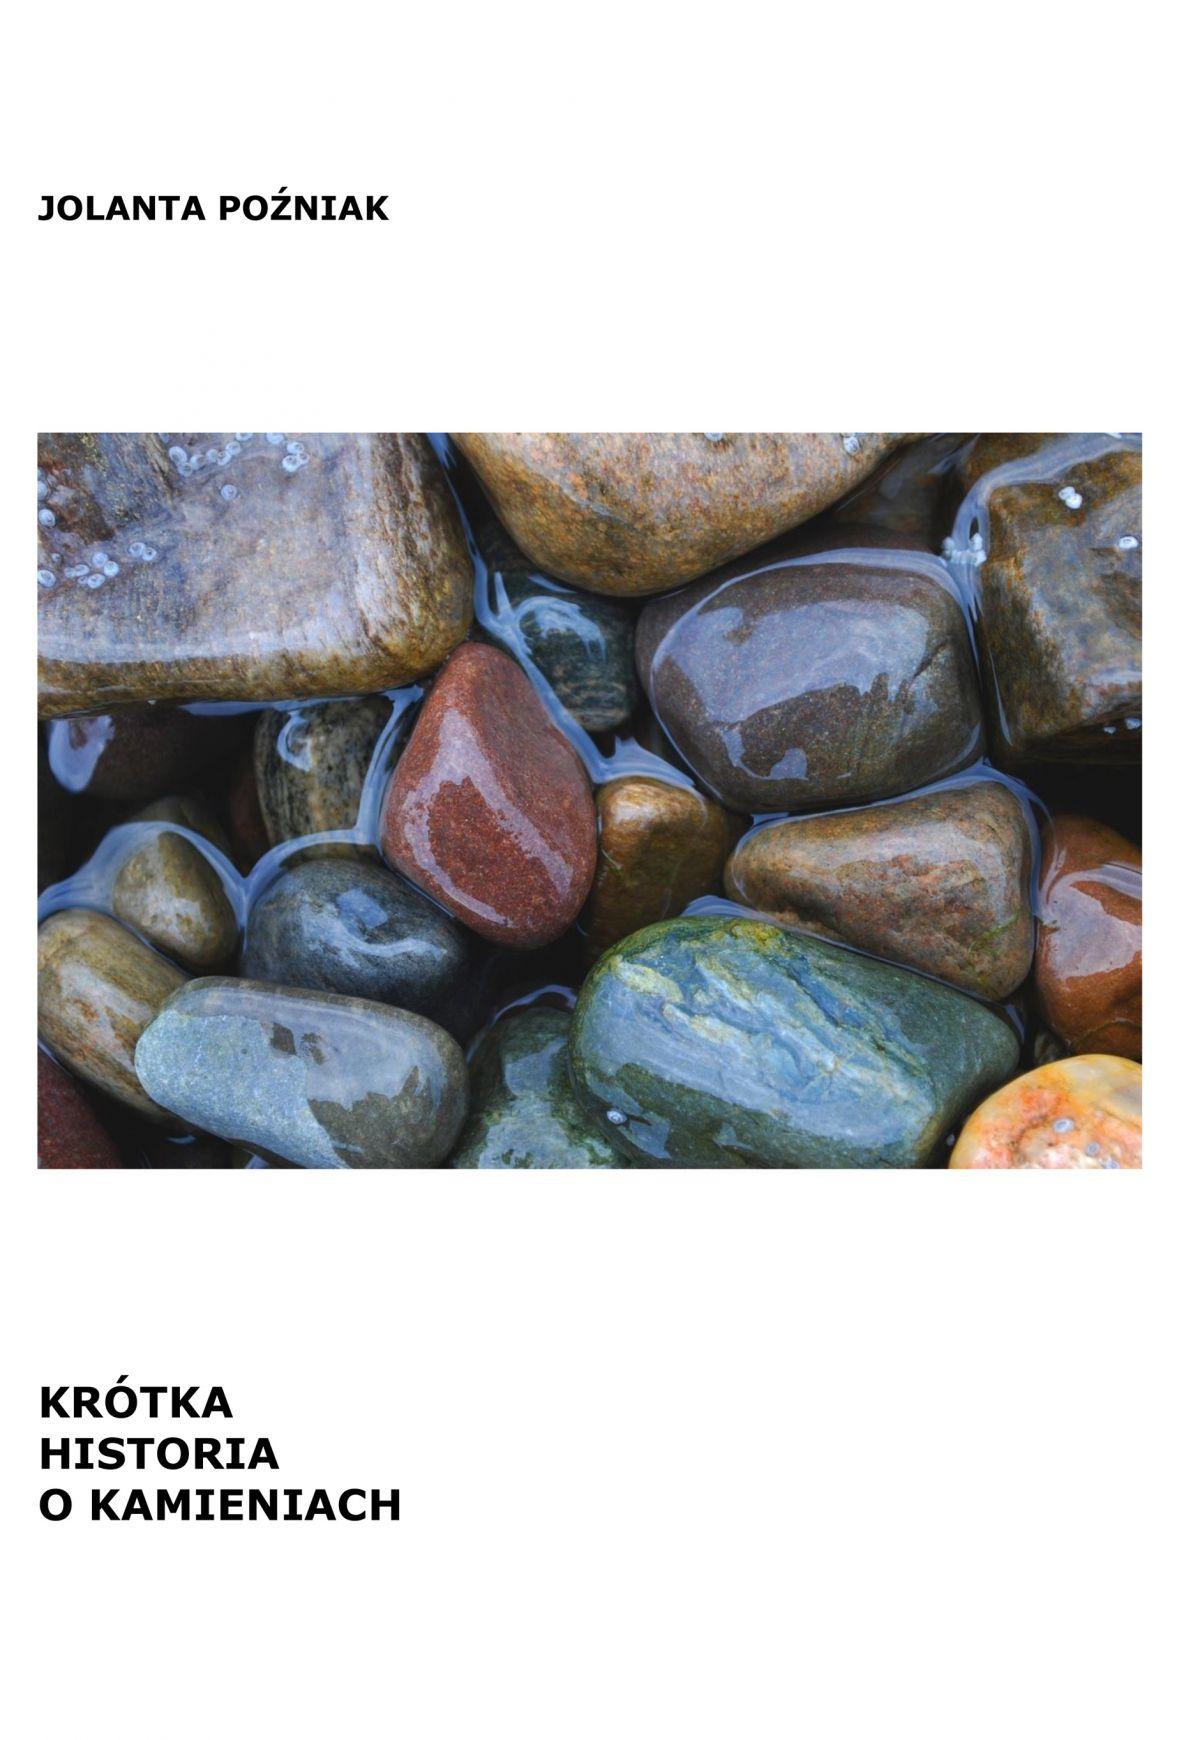 Krótka historia o kamieniach - Ebook (Książka EPUB) do pobrania w formacie EPUB